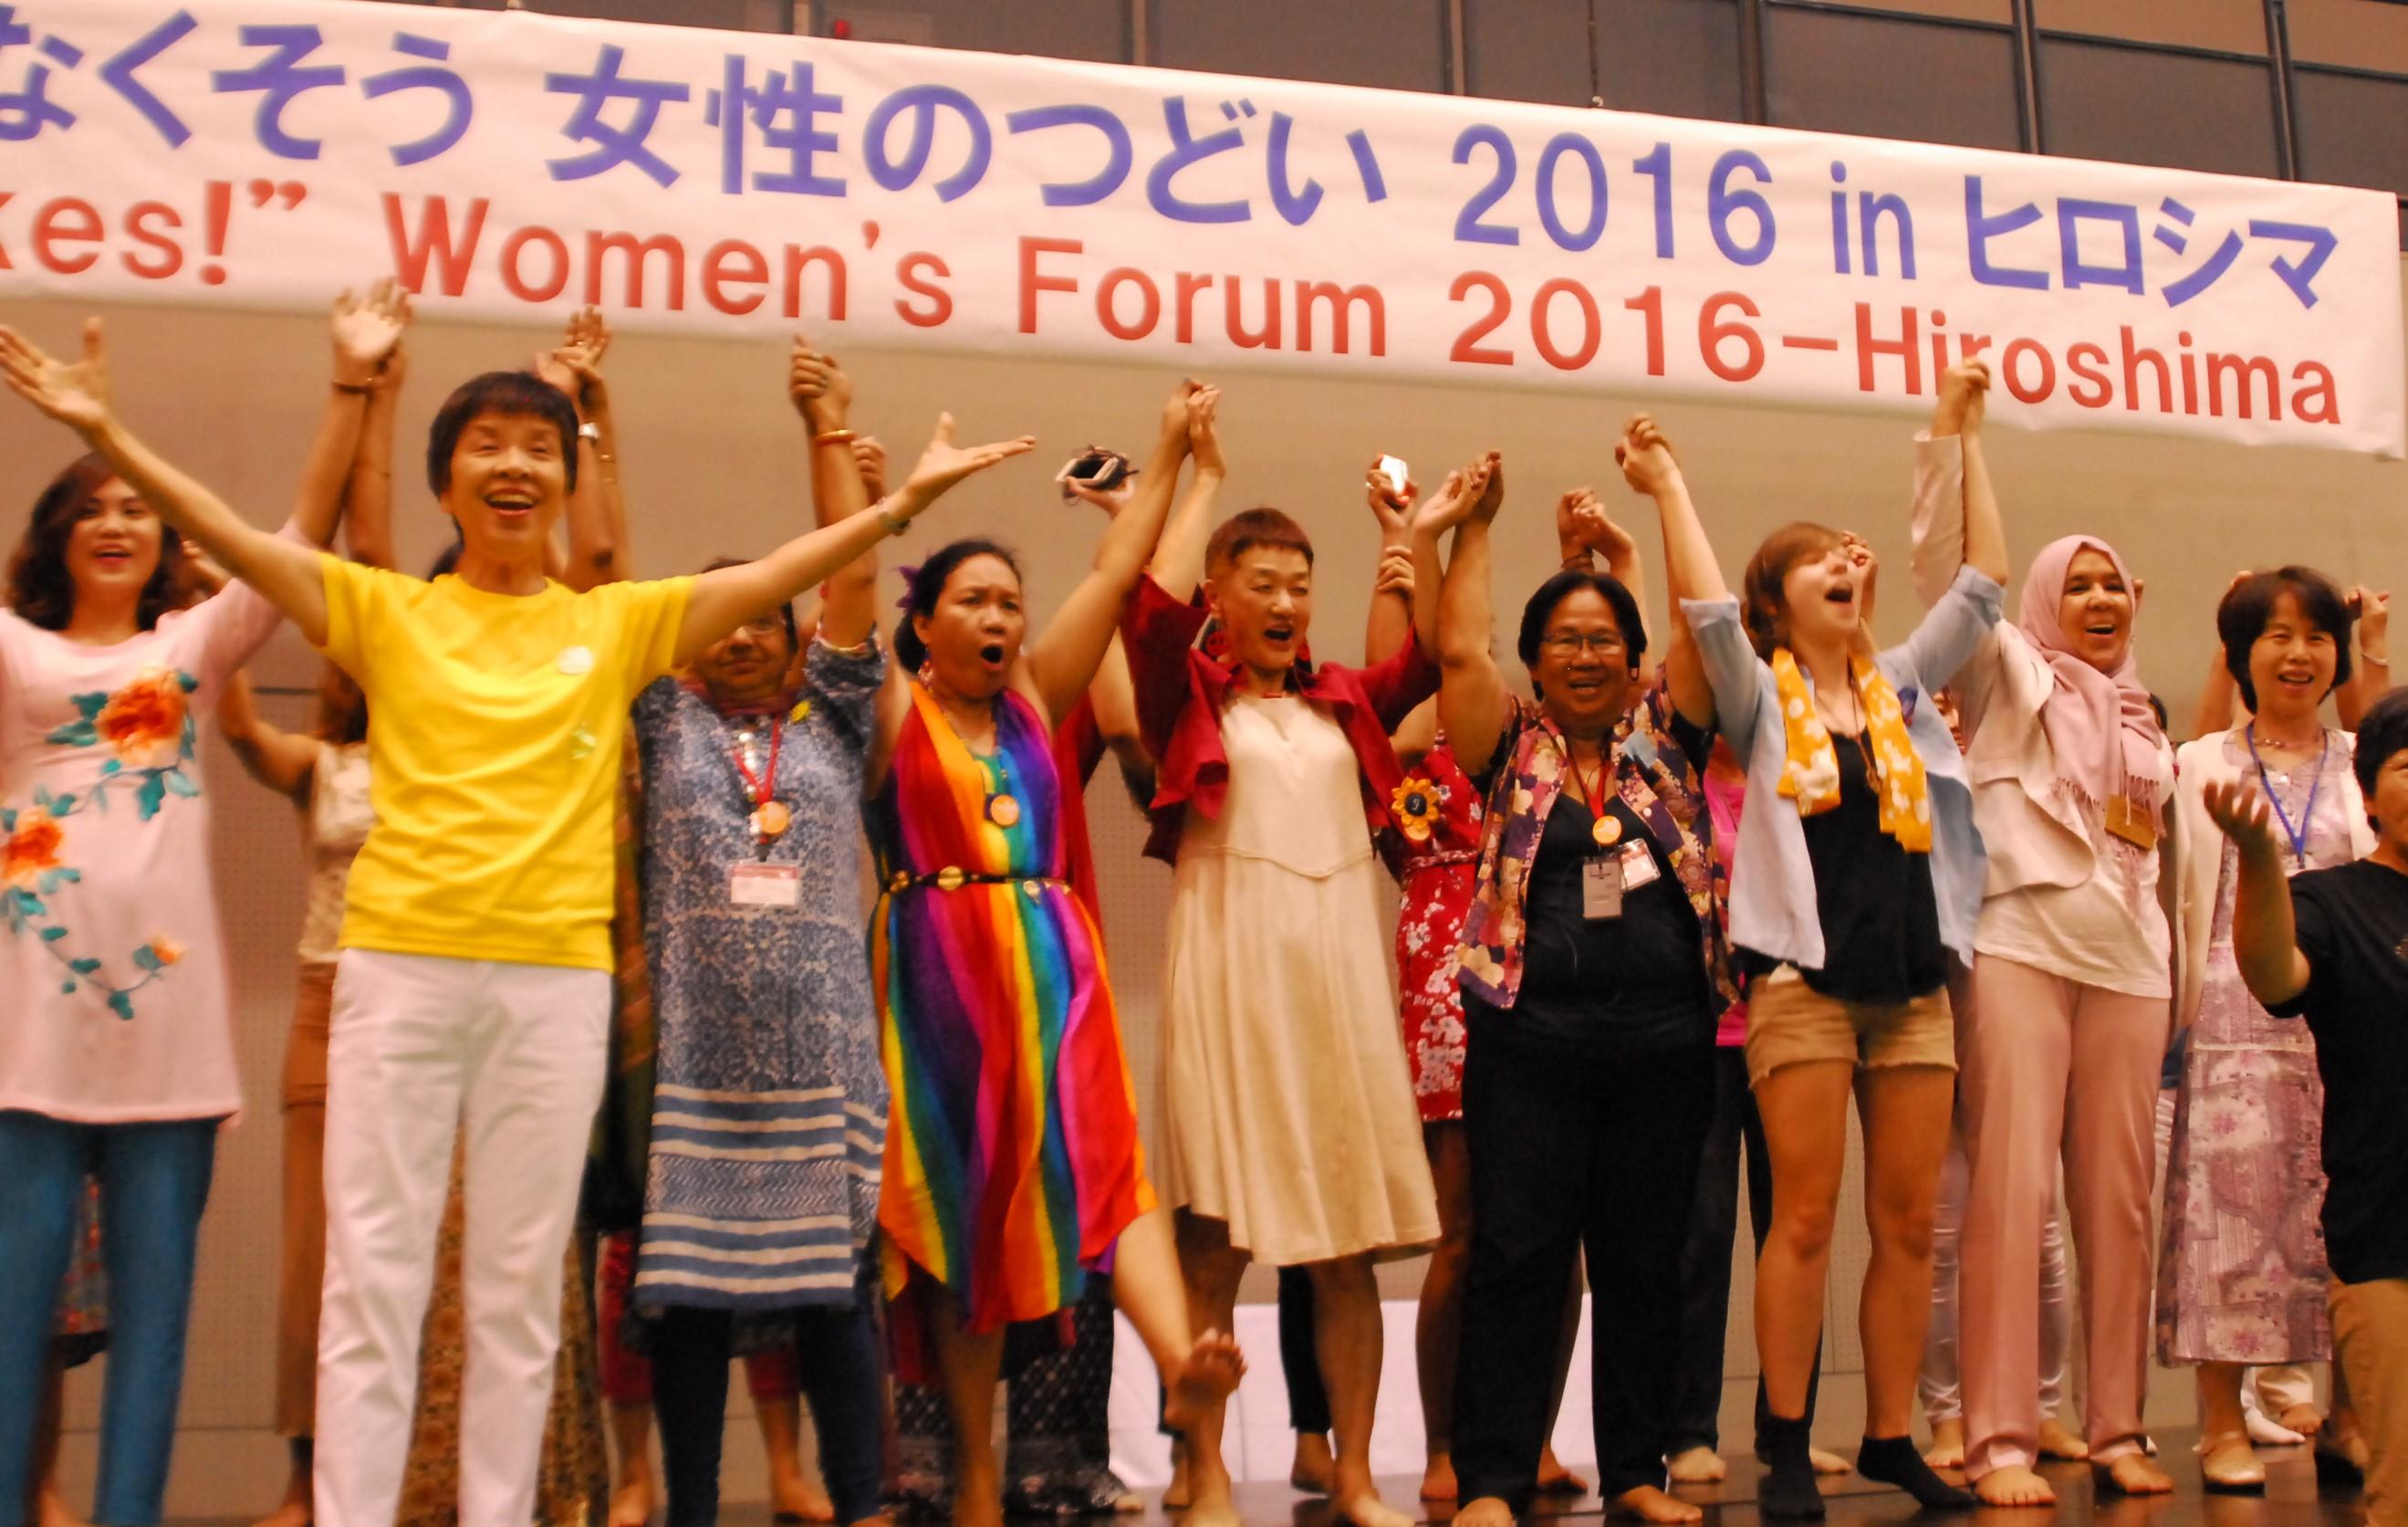 2016年核兵器なくそう女性のつどいin広島